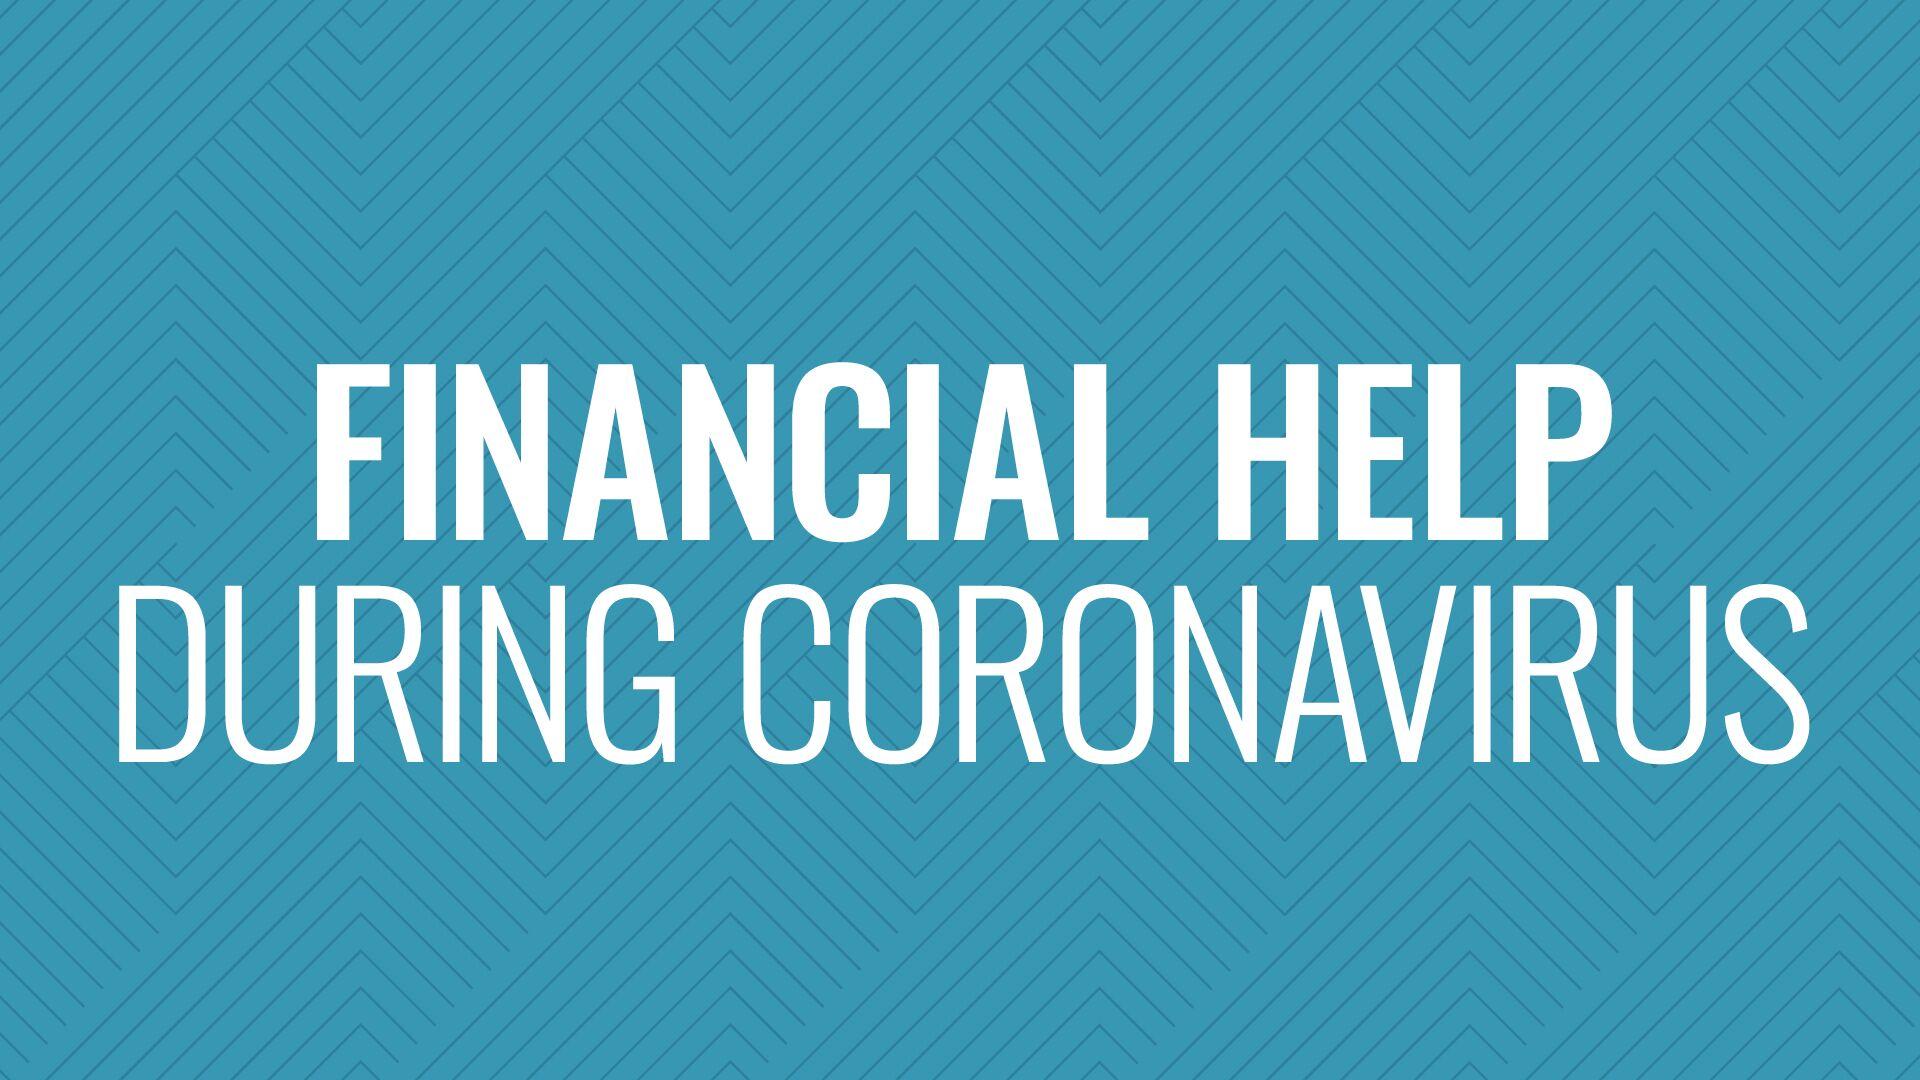 Financial Help During Coronavirus Hero Image